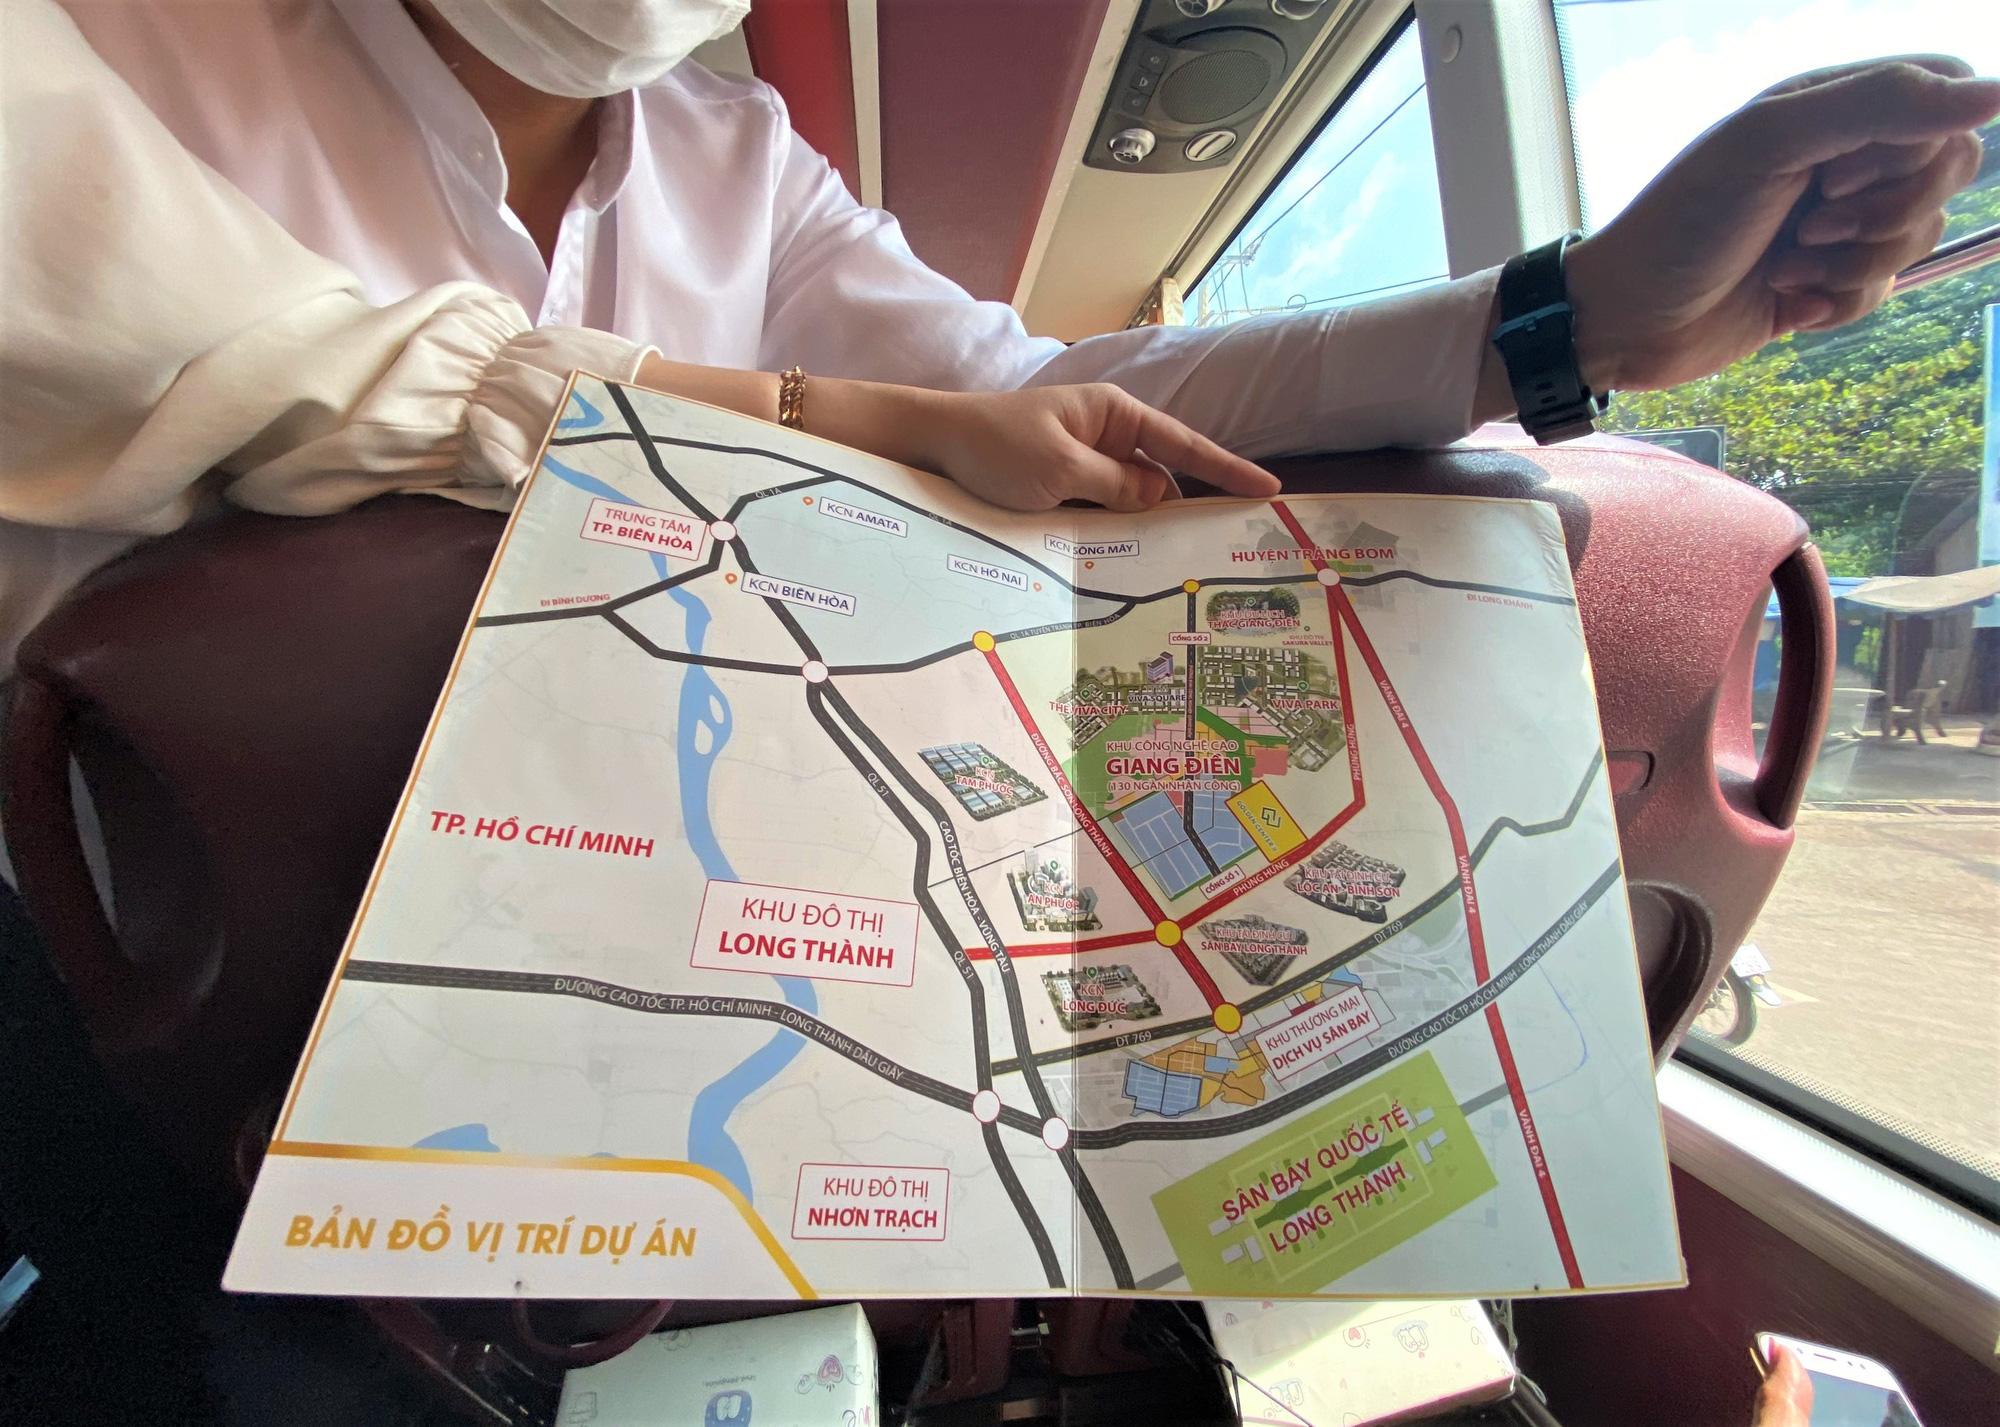 Xem đất 'thành phố Thủ Đức' bị đưa xuống Đồng Nai - Ảnh 2.